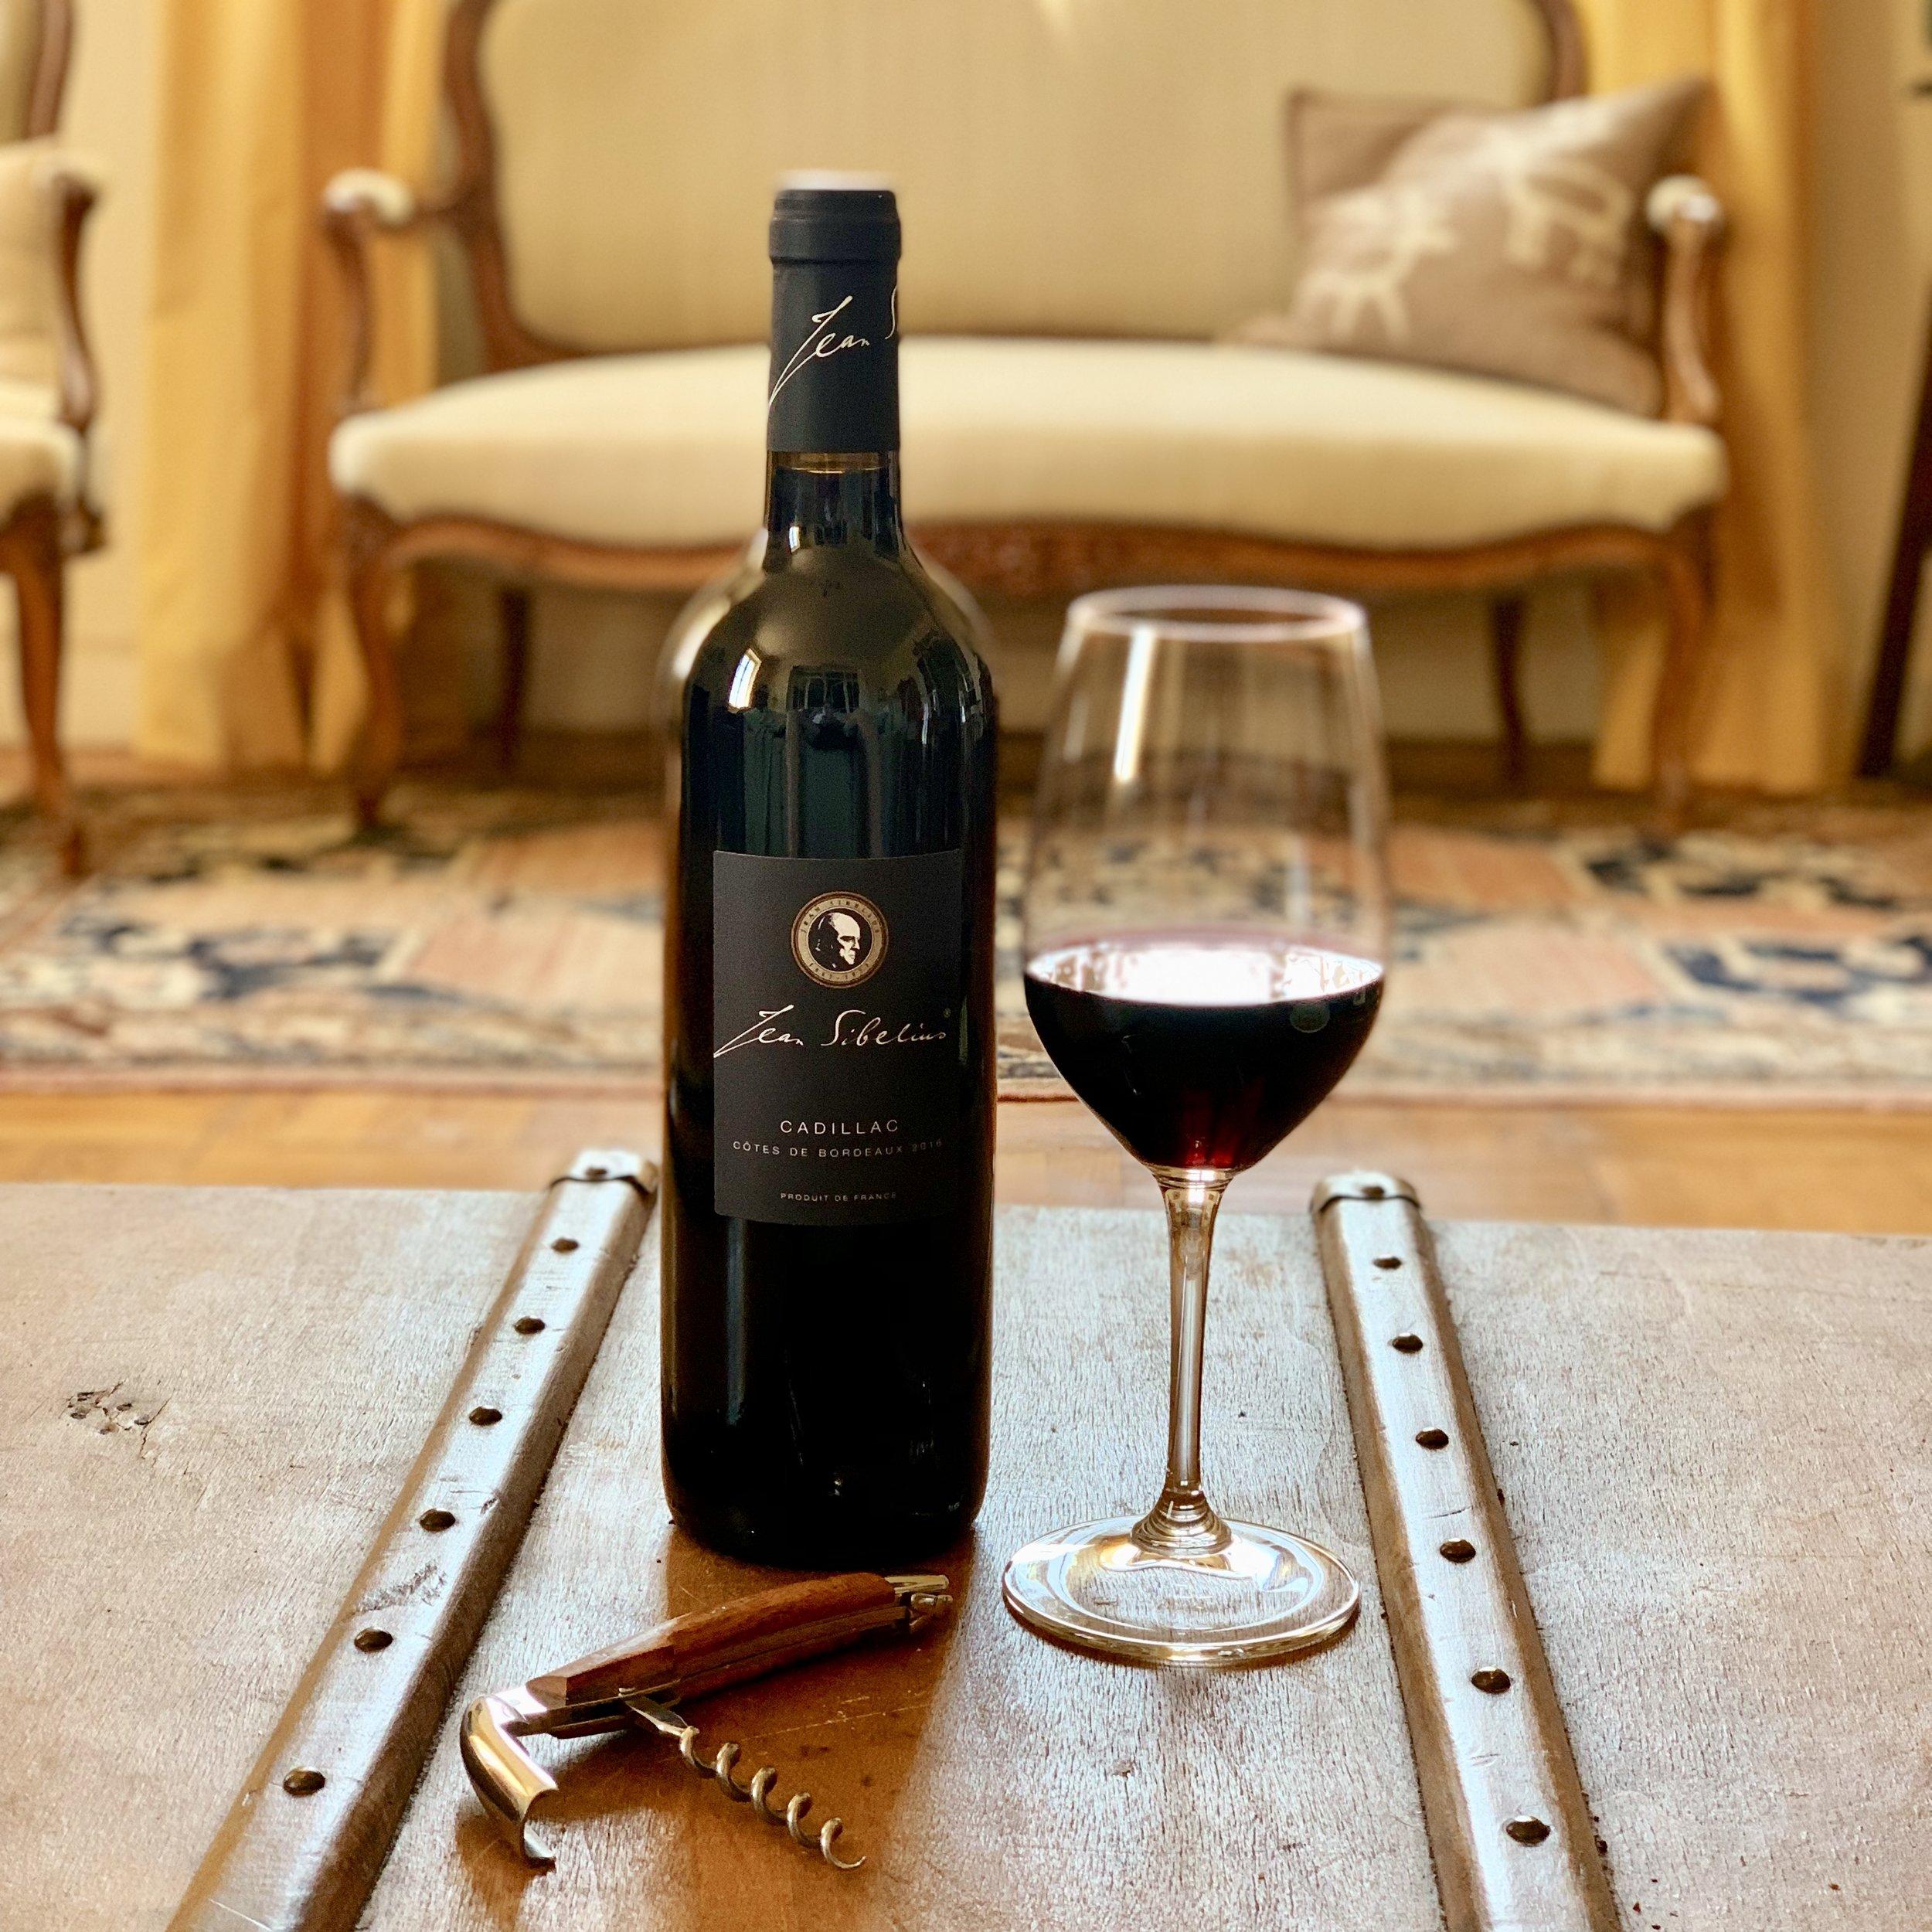 Viinit - Sibeliusviinejä on kolme; kuiva valkoviini ja mehevä punaviini Bordeaux'sta, sekä samppanja Dormansin kylästä Champagnesta.